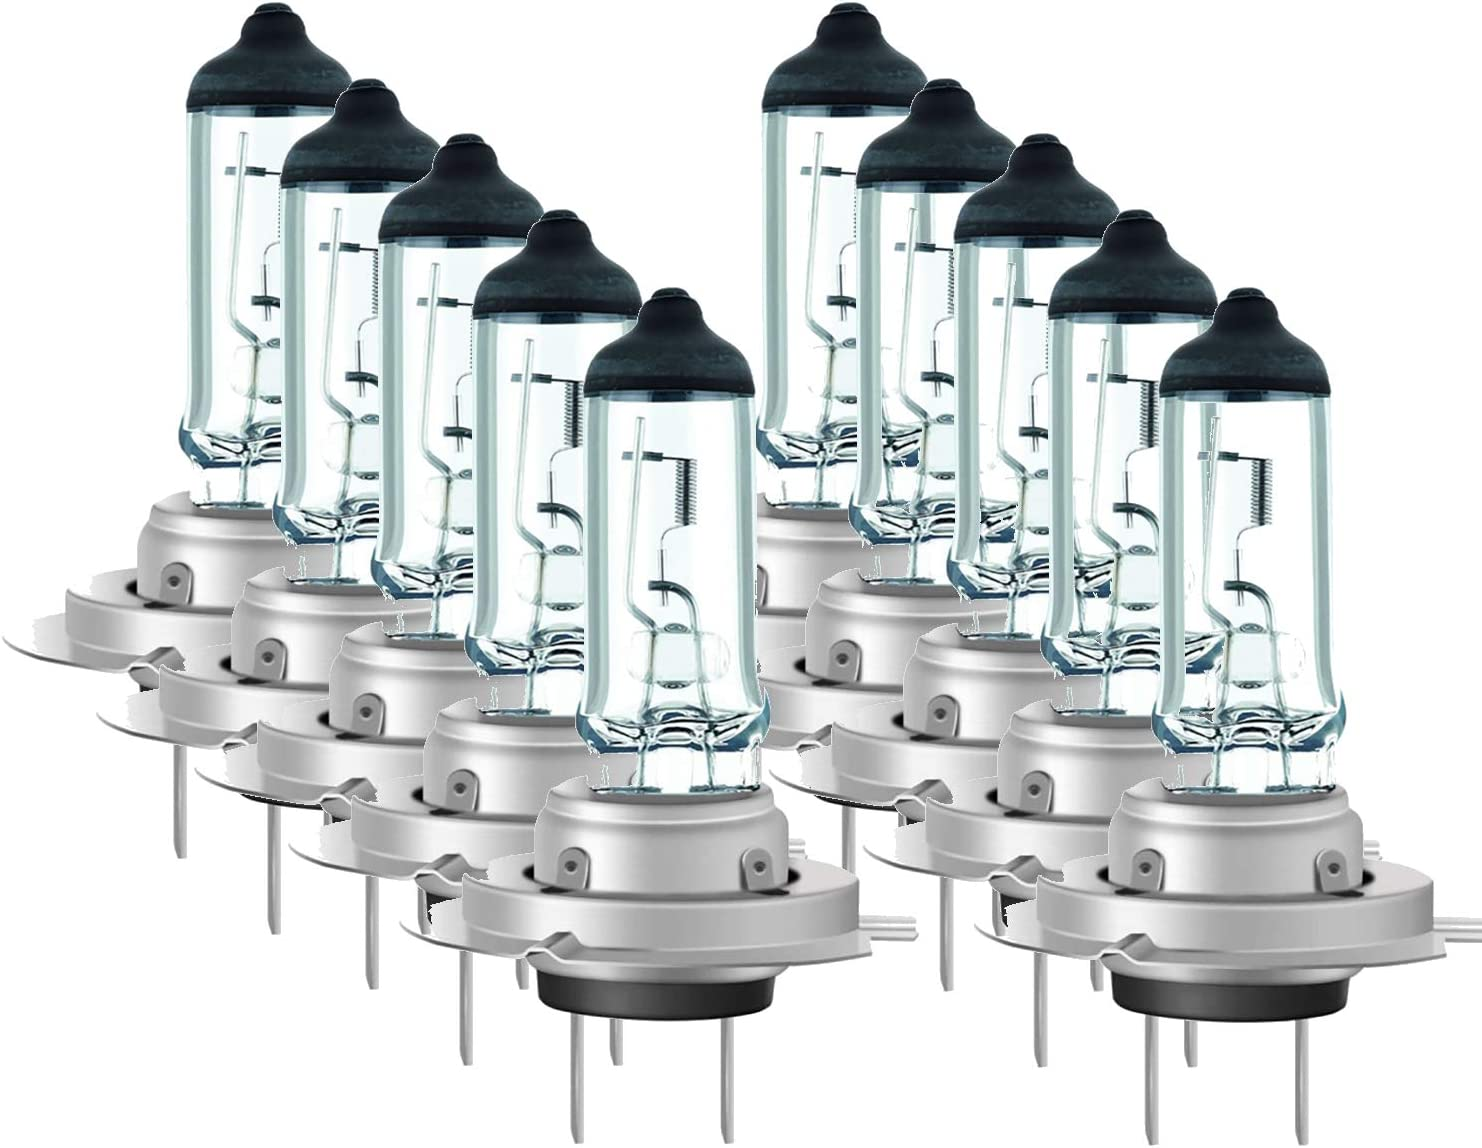 Luminizer Autolampe H7 10x H7 12v 55w Halogen Lampen Scheinwerfer Abblendlicht Mit E1 Prüfzeichen Px26d Auto